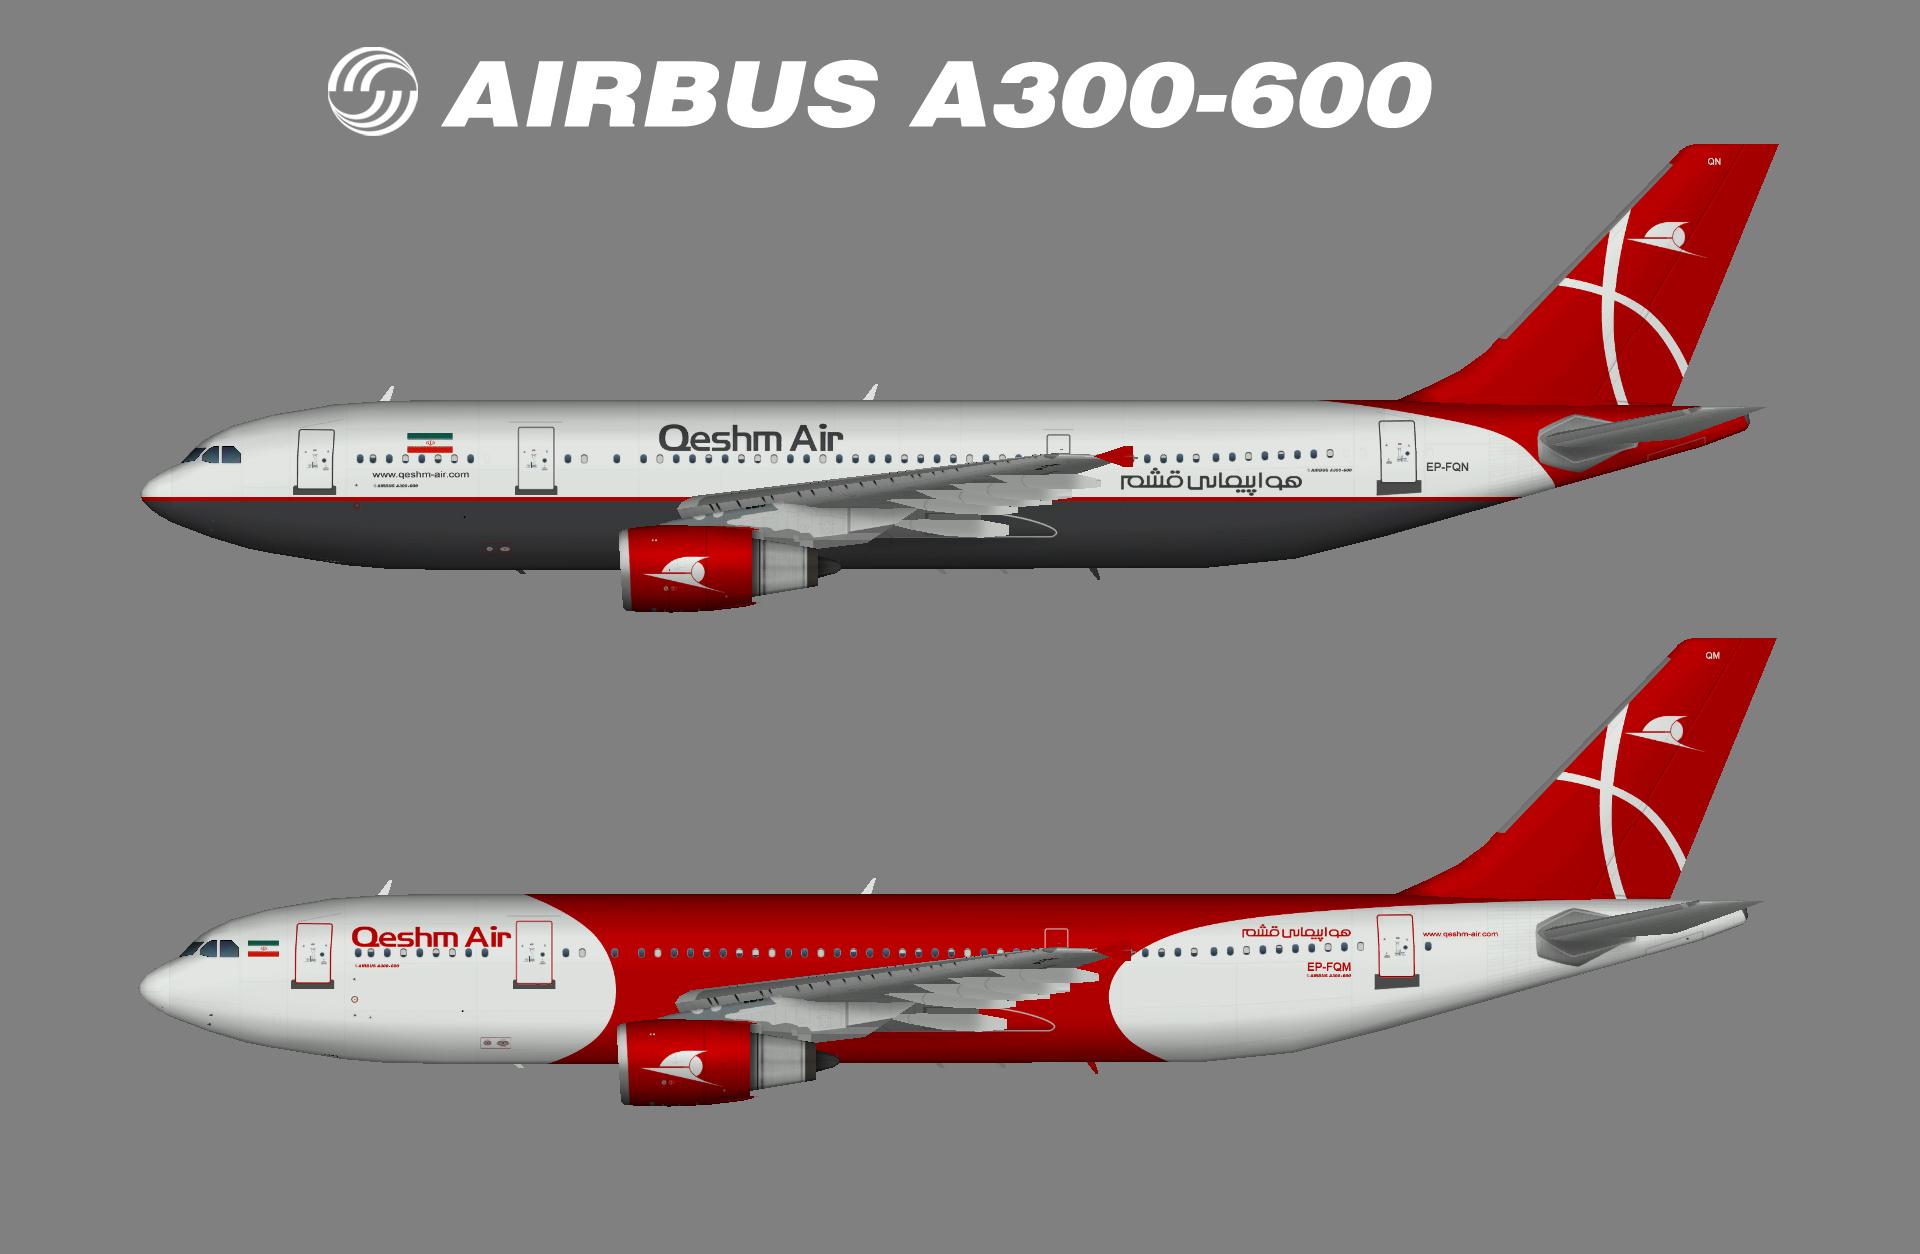 Qeshm Air A300-600